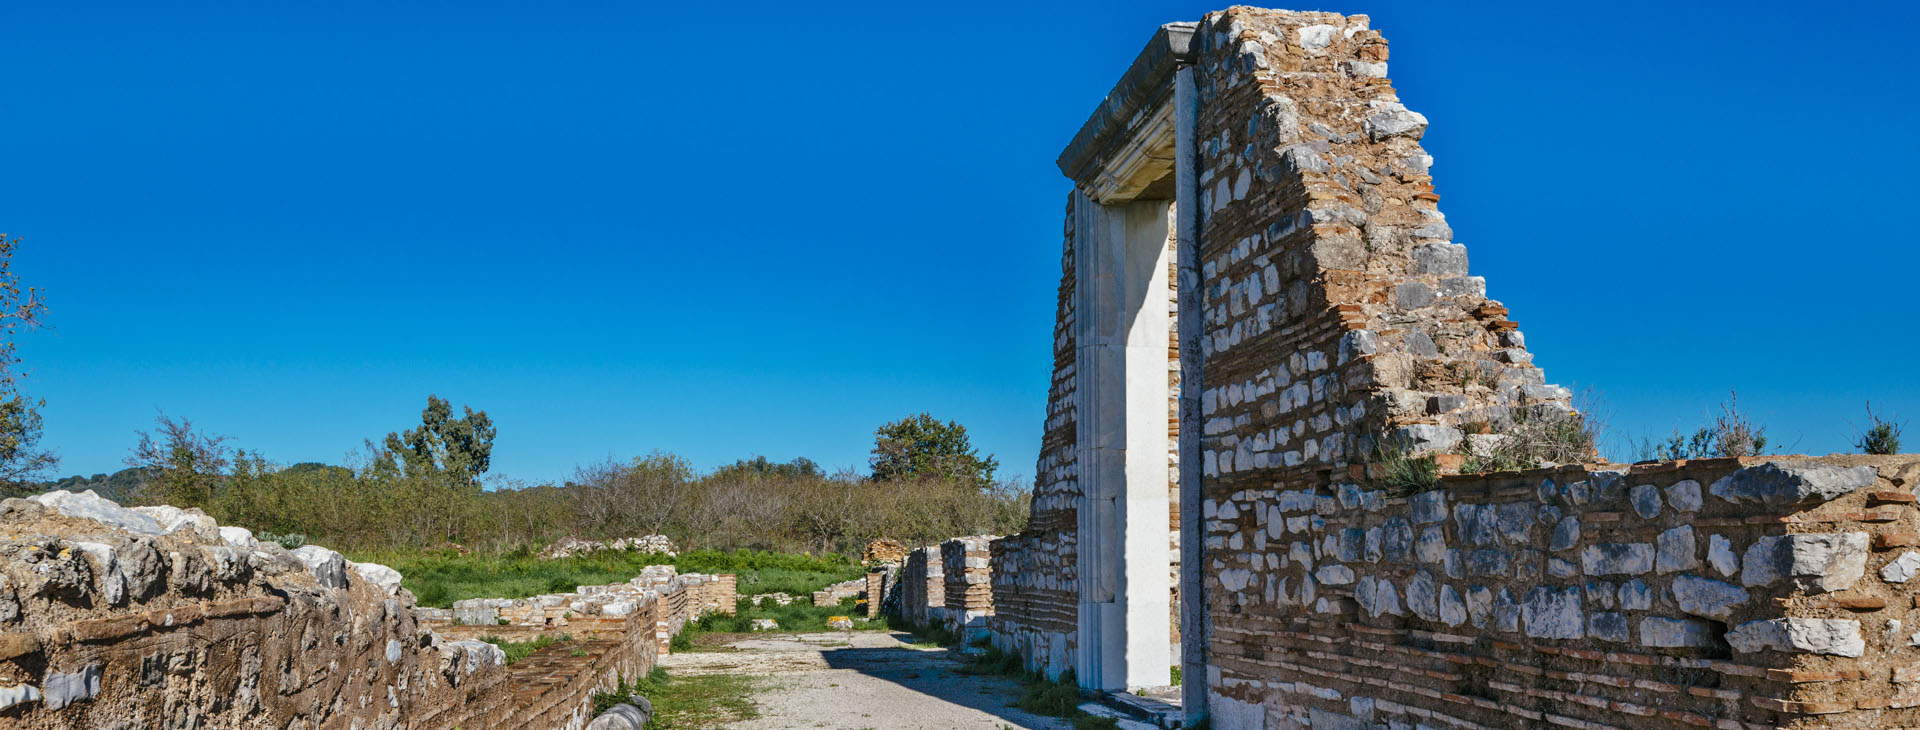 Basilica B of Alkisson, Preveza